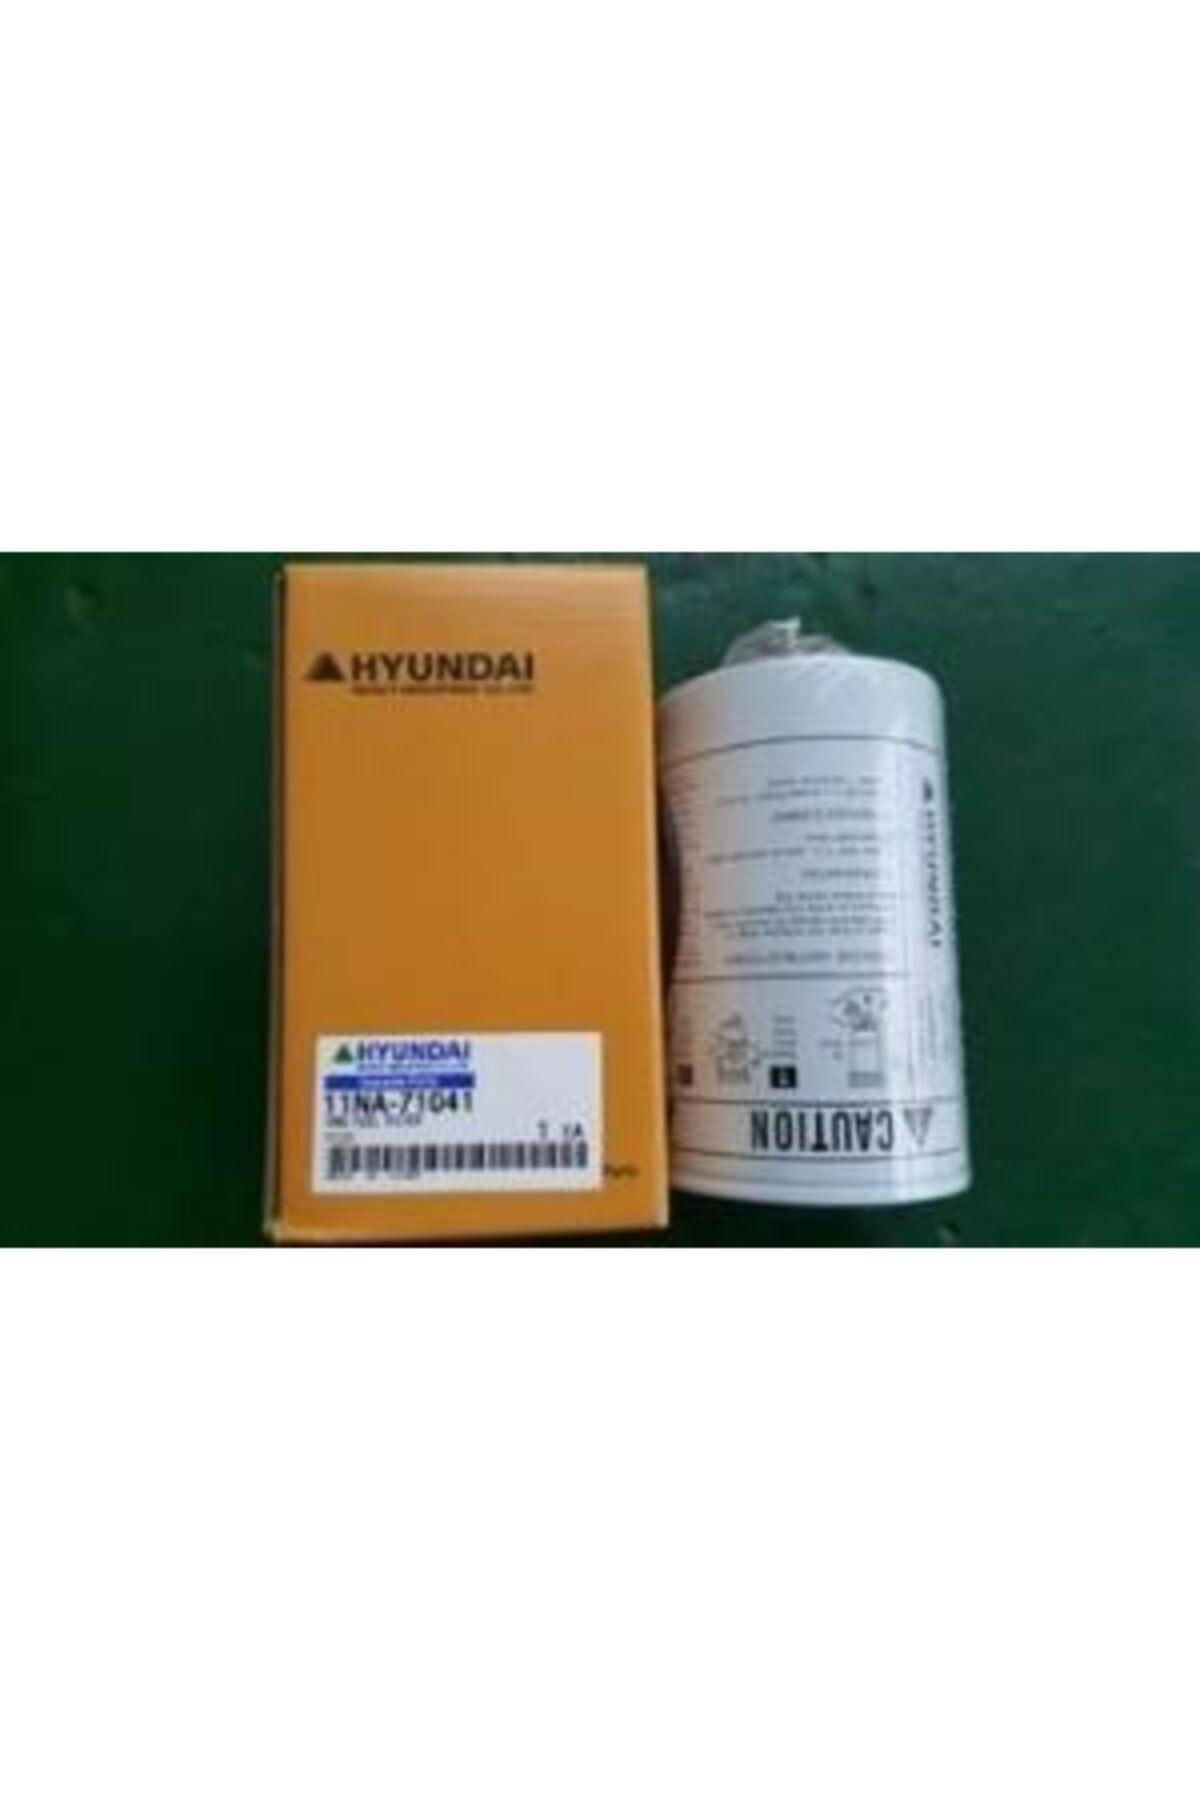 Hyundai 11na-71041 Yakıt Filtre P505961-11na71041 1